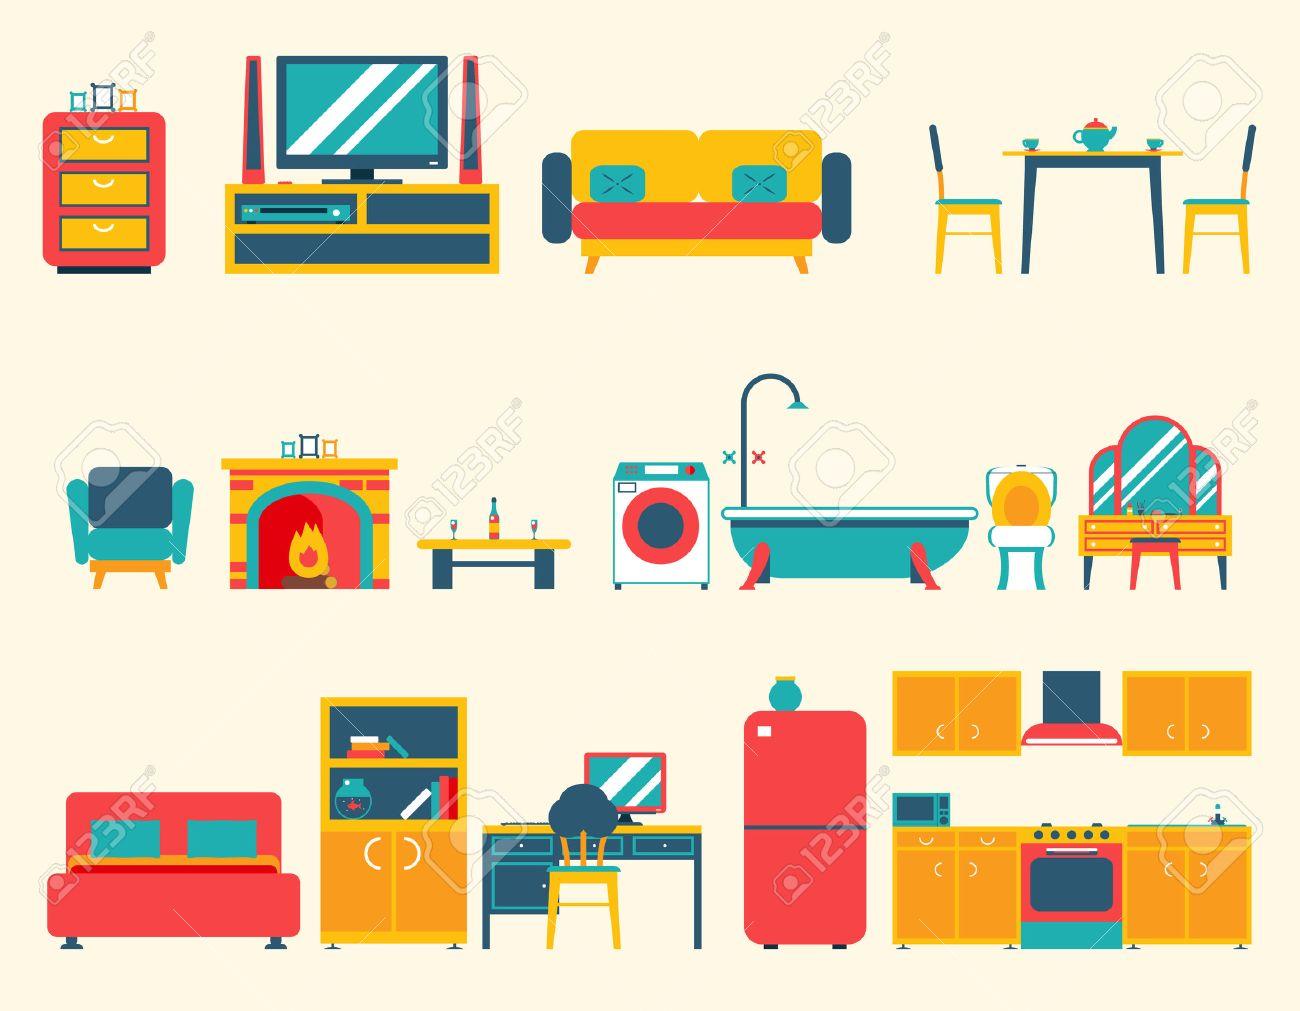 Muebles Casa Iconos Interiores Y Símbolos Conjunto Salón Cocina ...